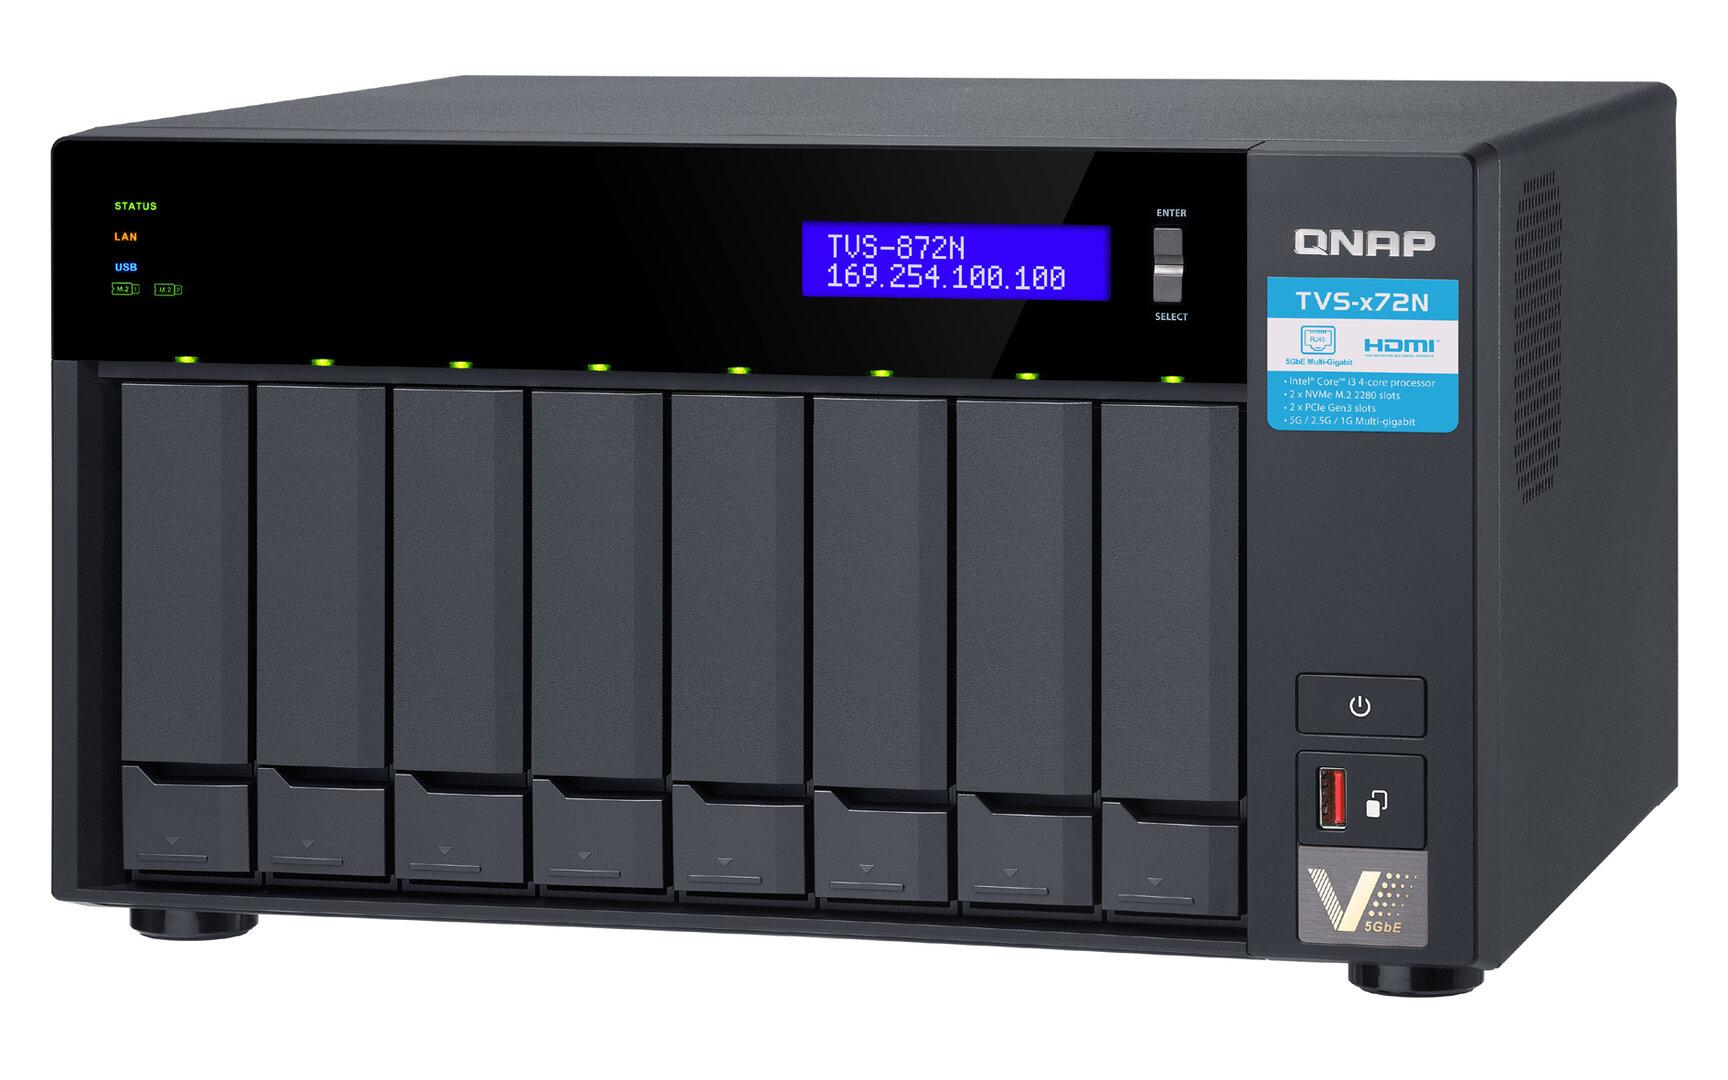 QNAP TVS-x72N: NAS-Serie mit Core i3, 5 Gigabit, M.2, PCIe und USB C